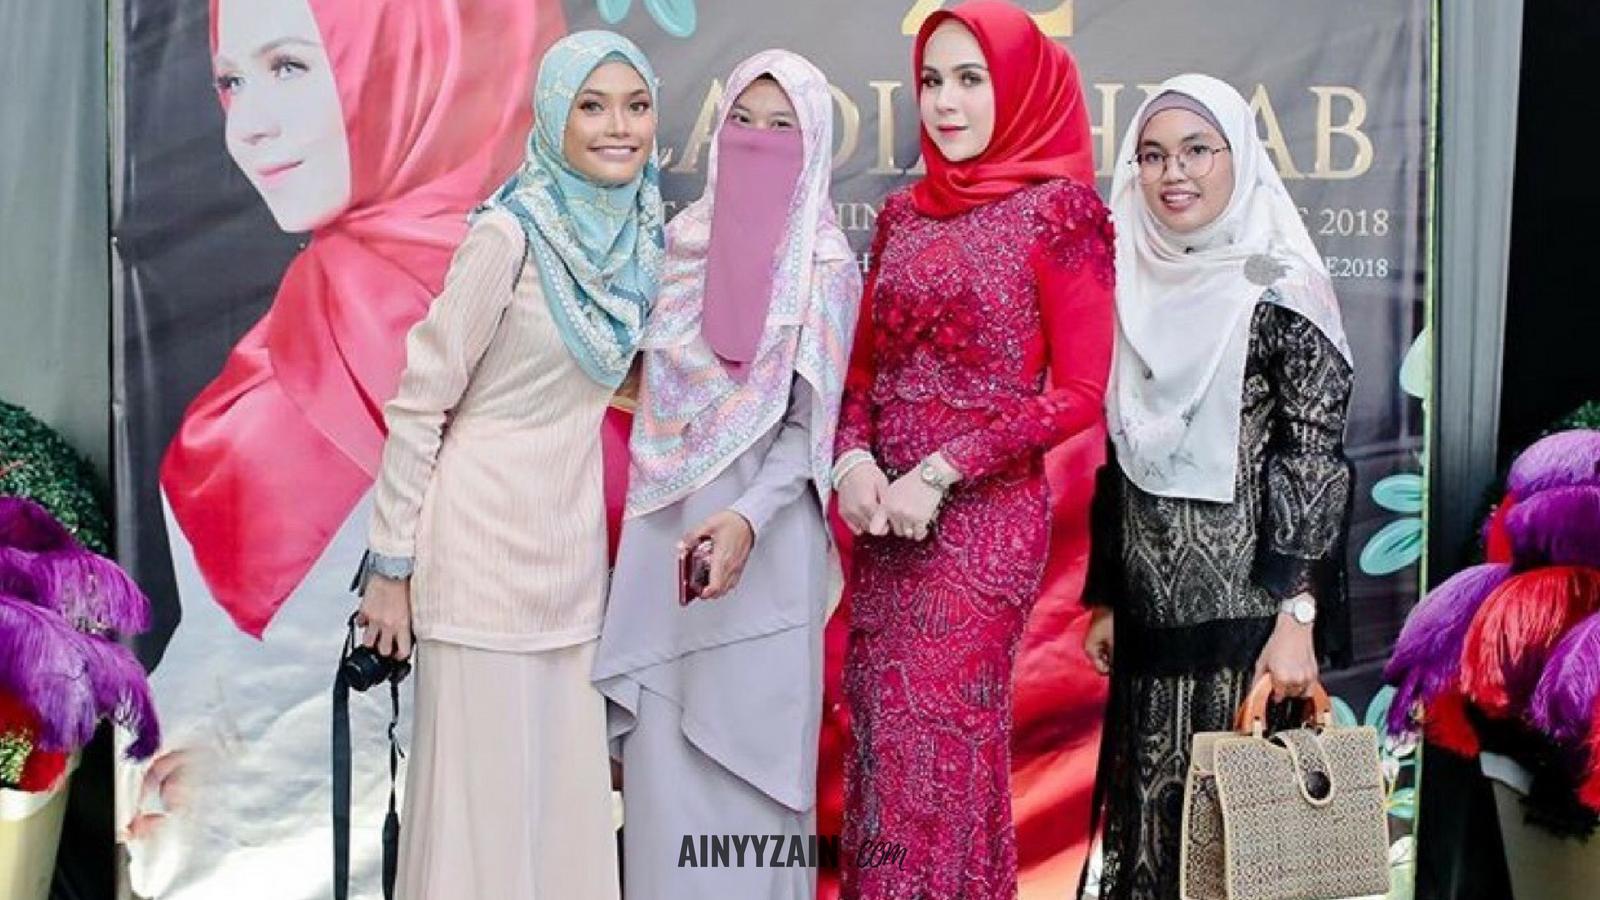 Ainyy Zain Majlis Pelancaran Koleksi Zadia Crystal Hijab Dari Ni Berjalan Lancar Dan Meriah Dengan Kadatangan Rakan Blogger Artis Keluarga Sendiri Ainy Pun Dapat Kenal Ramai